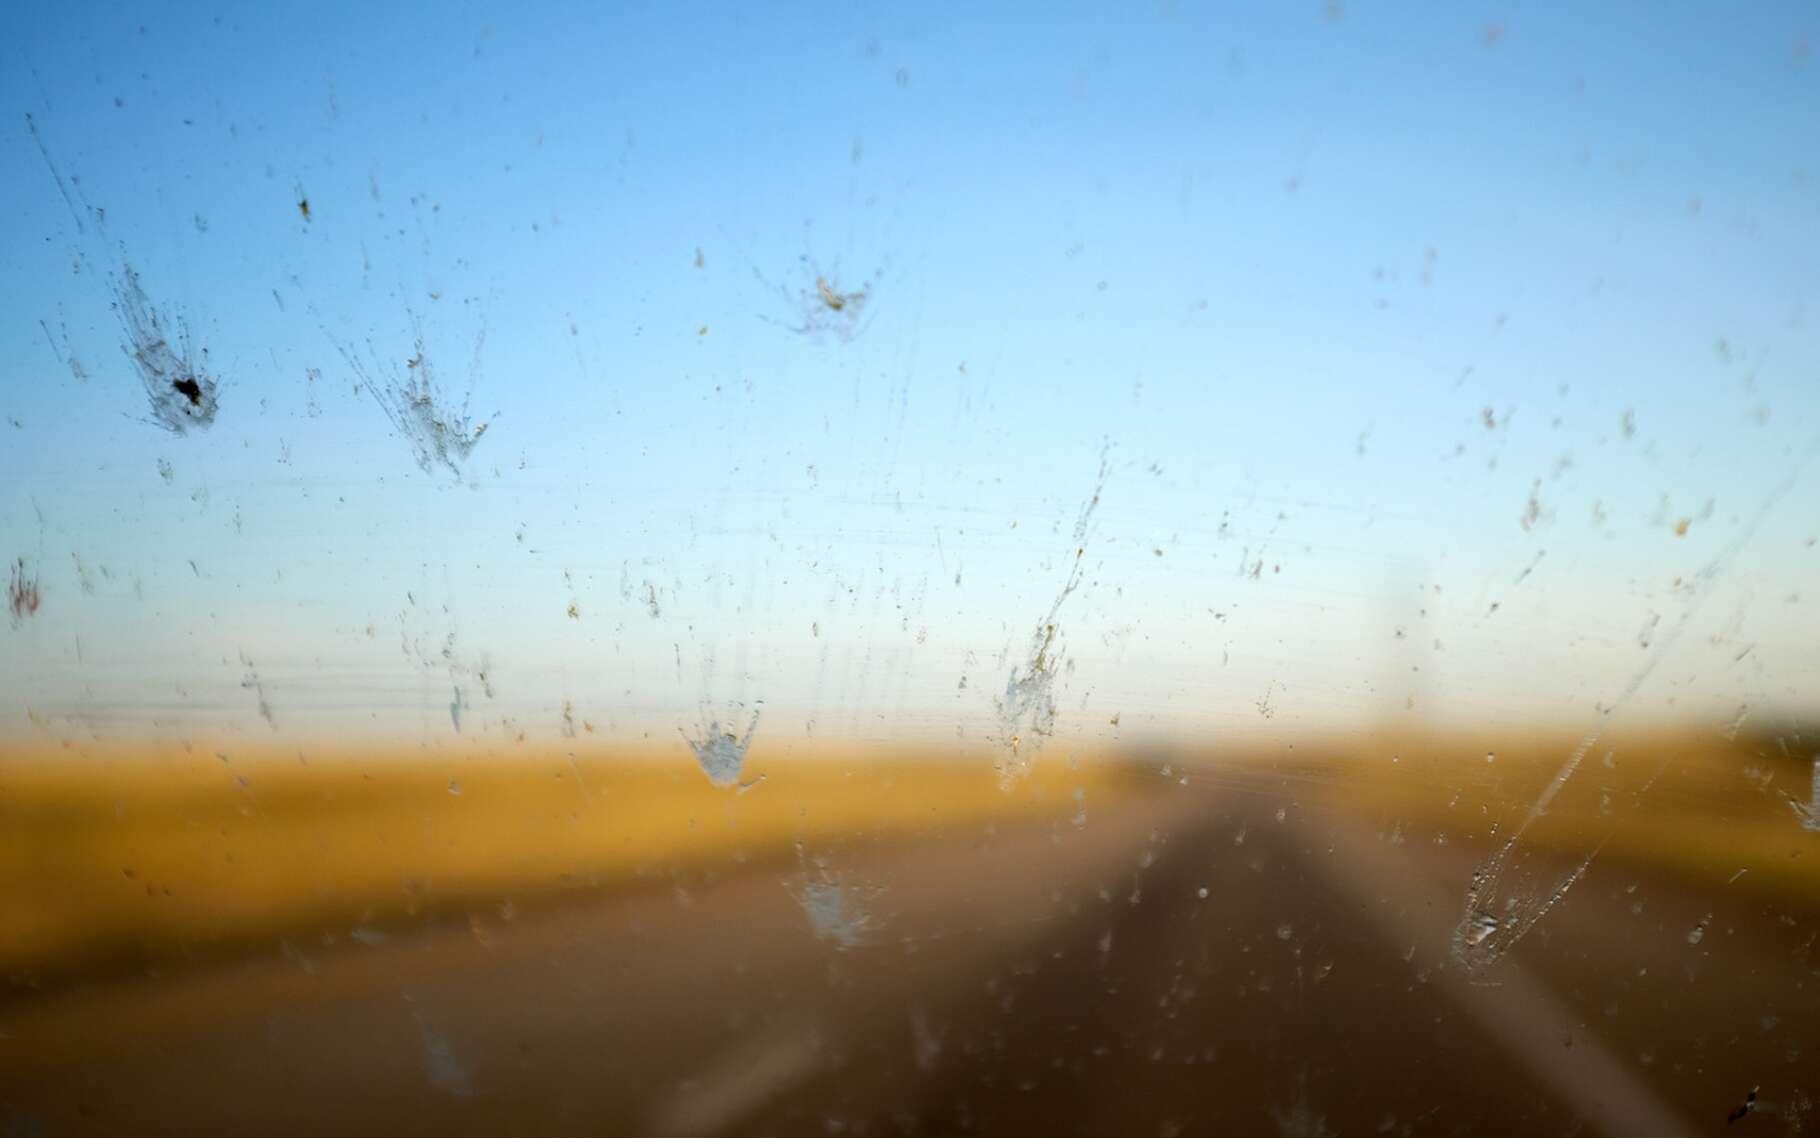 Il semble y avoir de moins en moins d'insectes sur nos pare-brise. La faute à une extinction de masse que les insectes subissent depuis quelques années, selon les chercheurs. © Colby, Fotolia